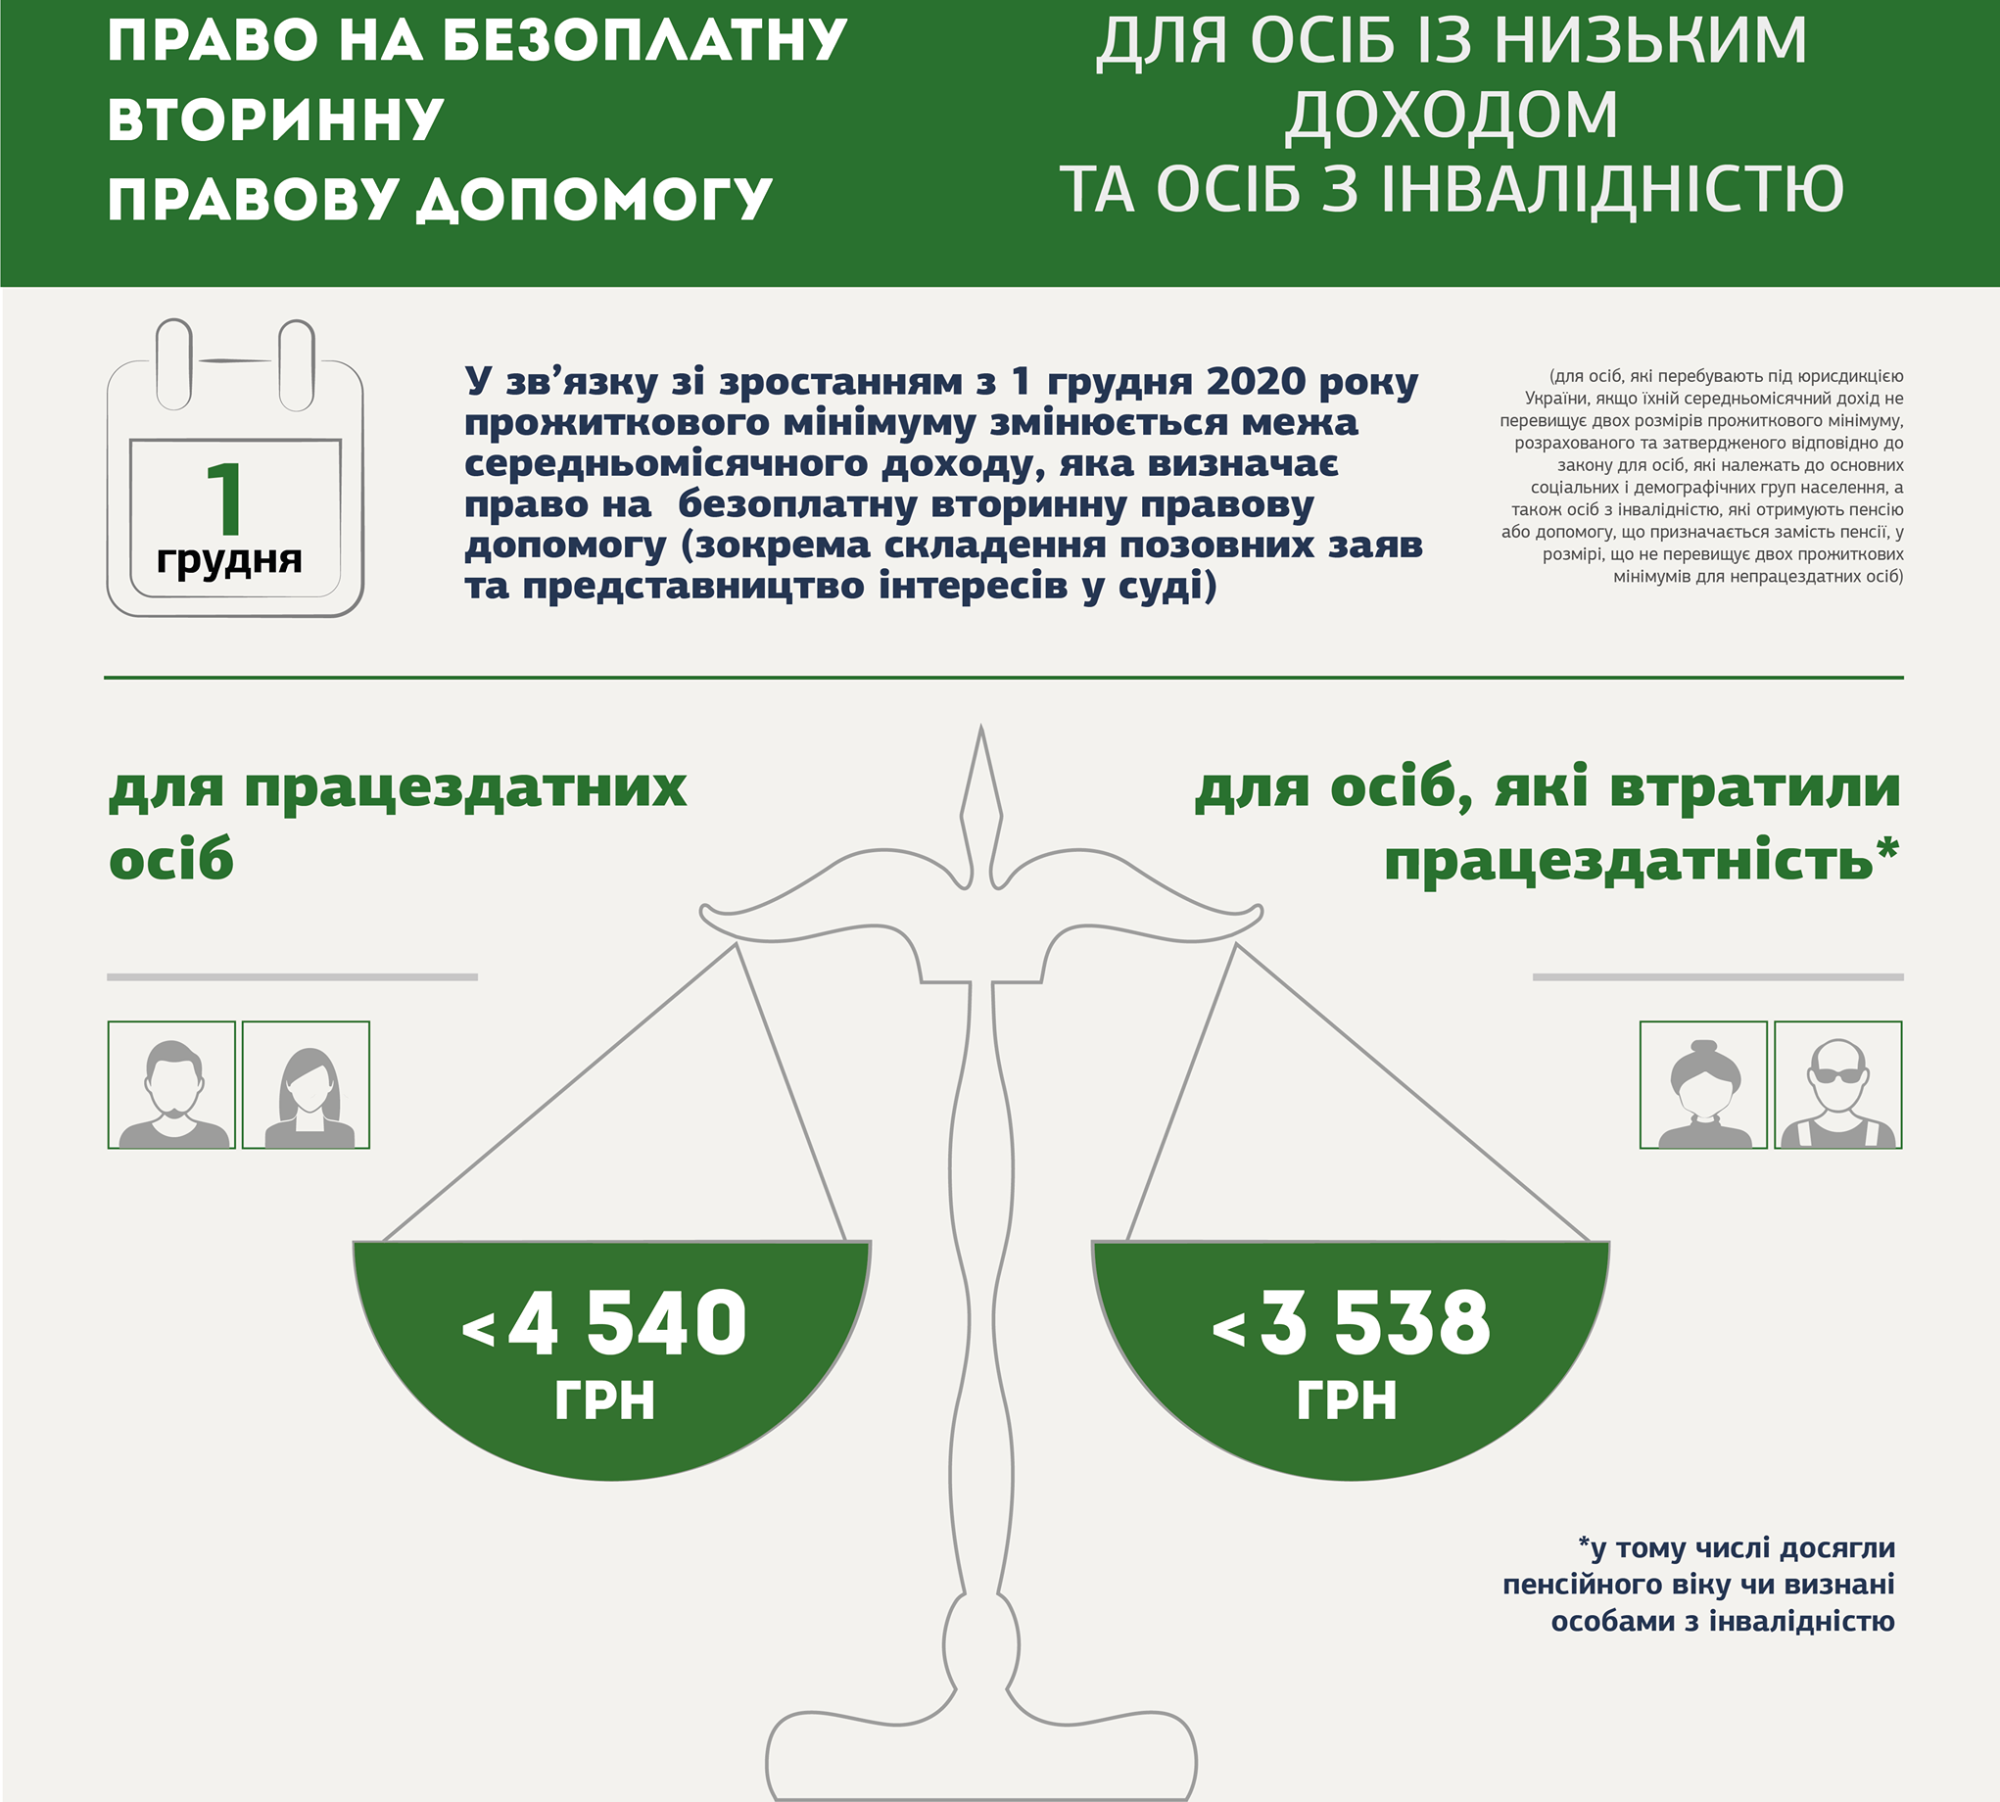 Безоплатна юридична допомога і зростання прожиткового мінімуму з 1 грудня - юрист, Україна, підвищення прожиткового мінімуму - Minimalka obr 2000x1802